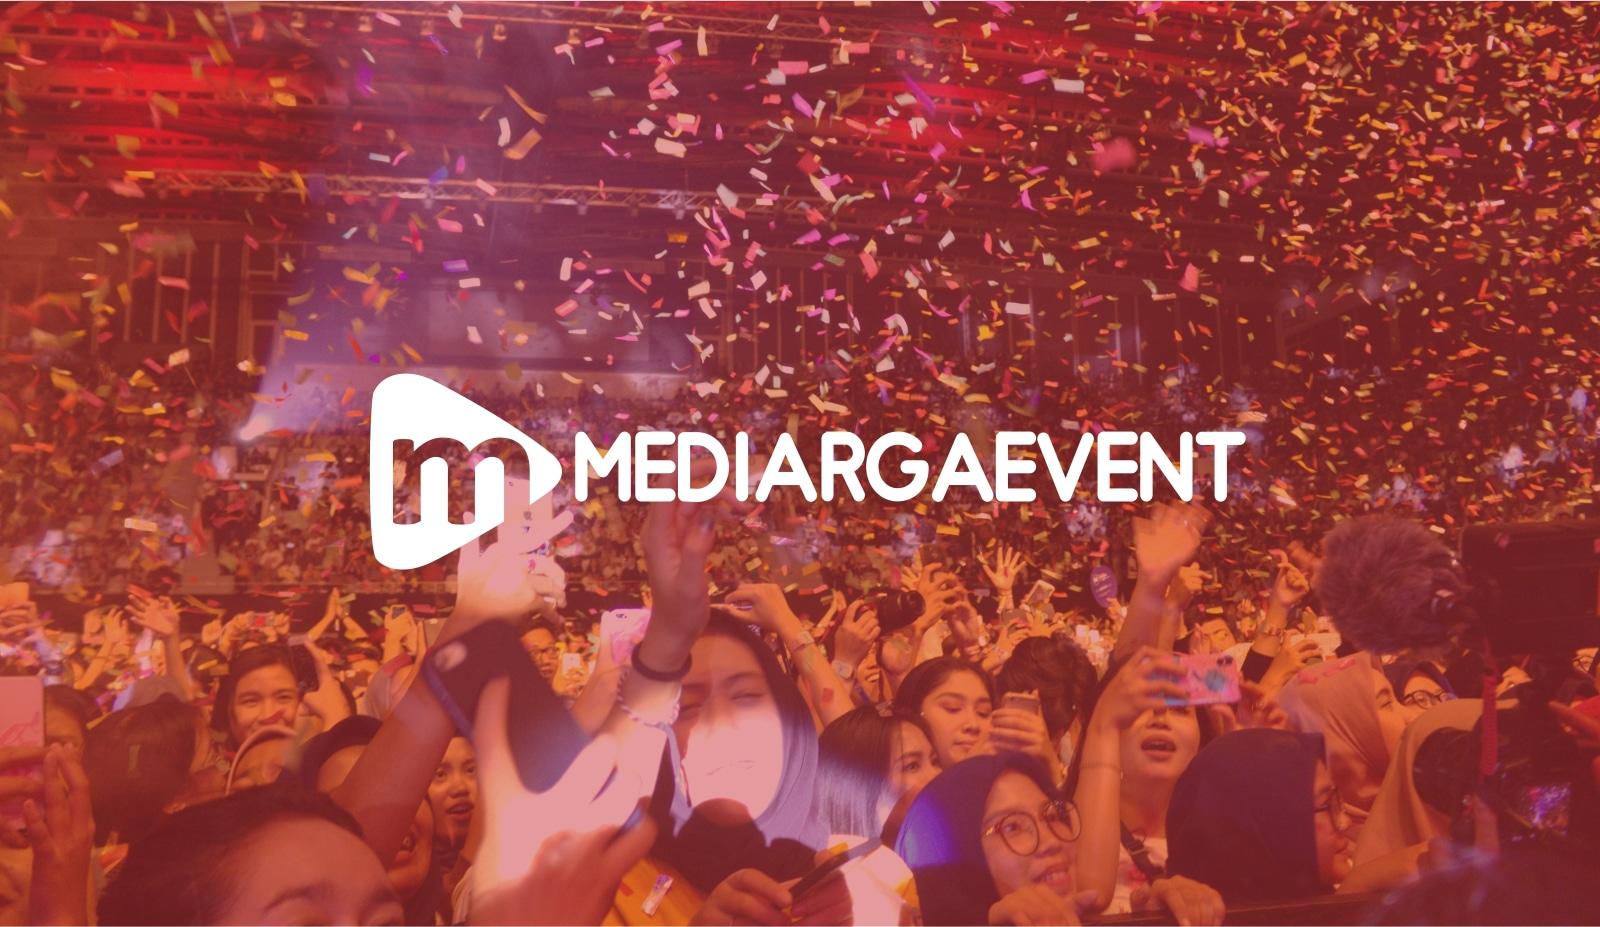 Mediargaevent